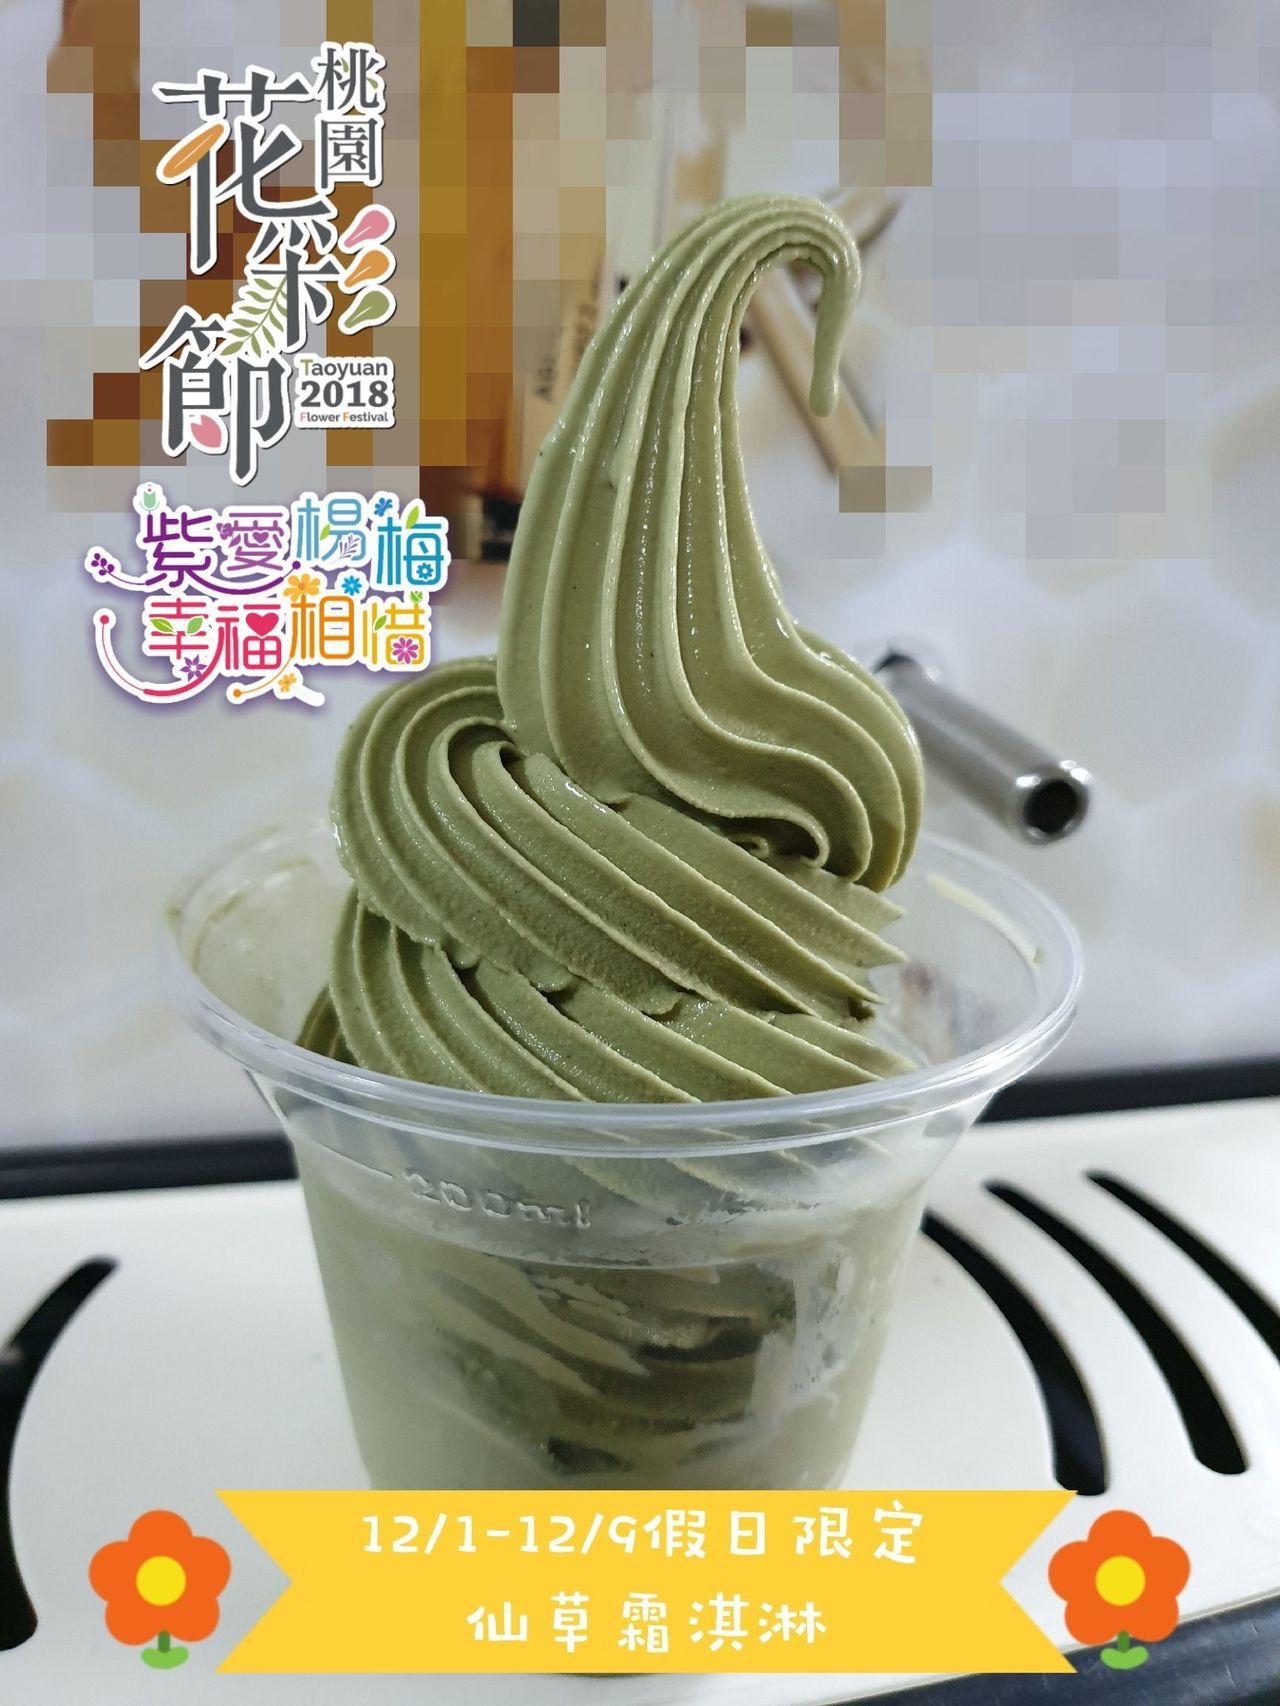 楊梅花彩節新亮點仙草霜淇淋供不應求。圖/楊梅區公所提供